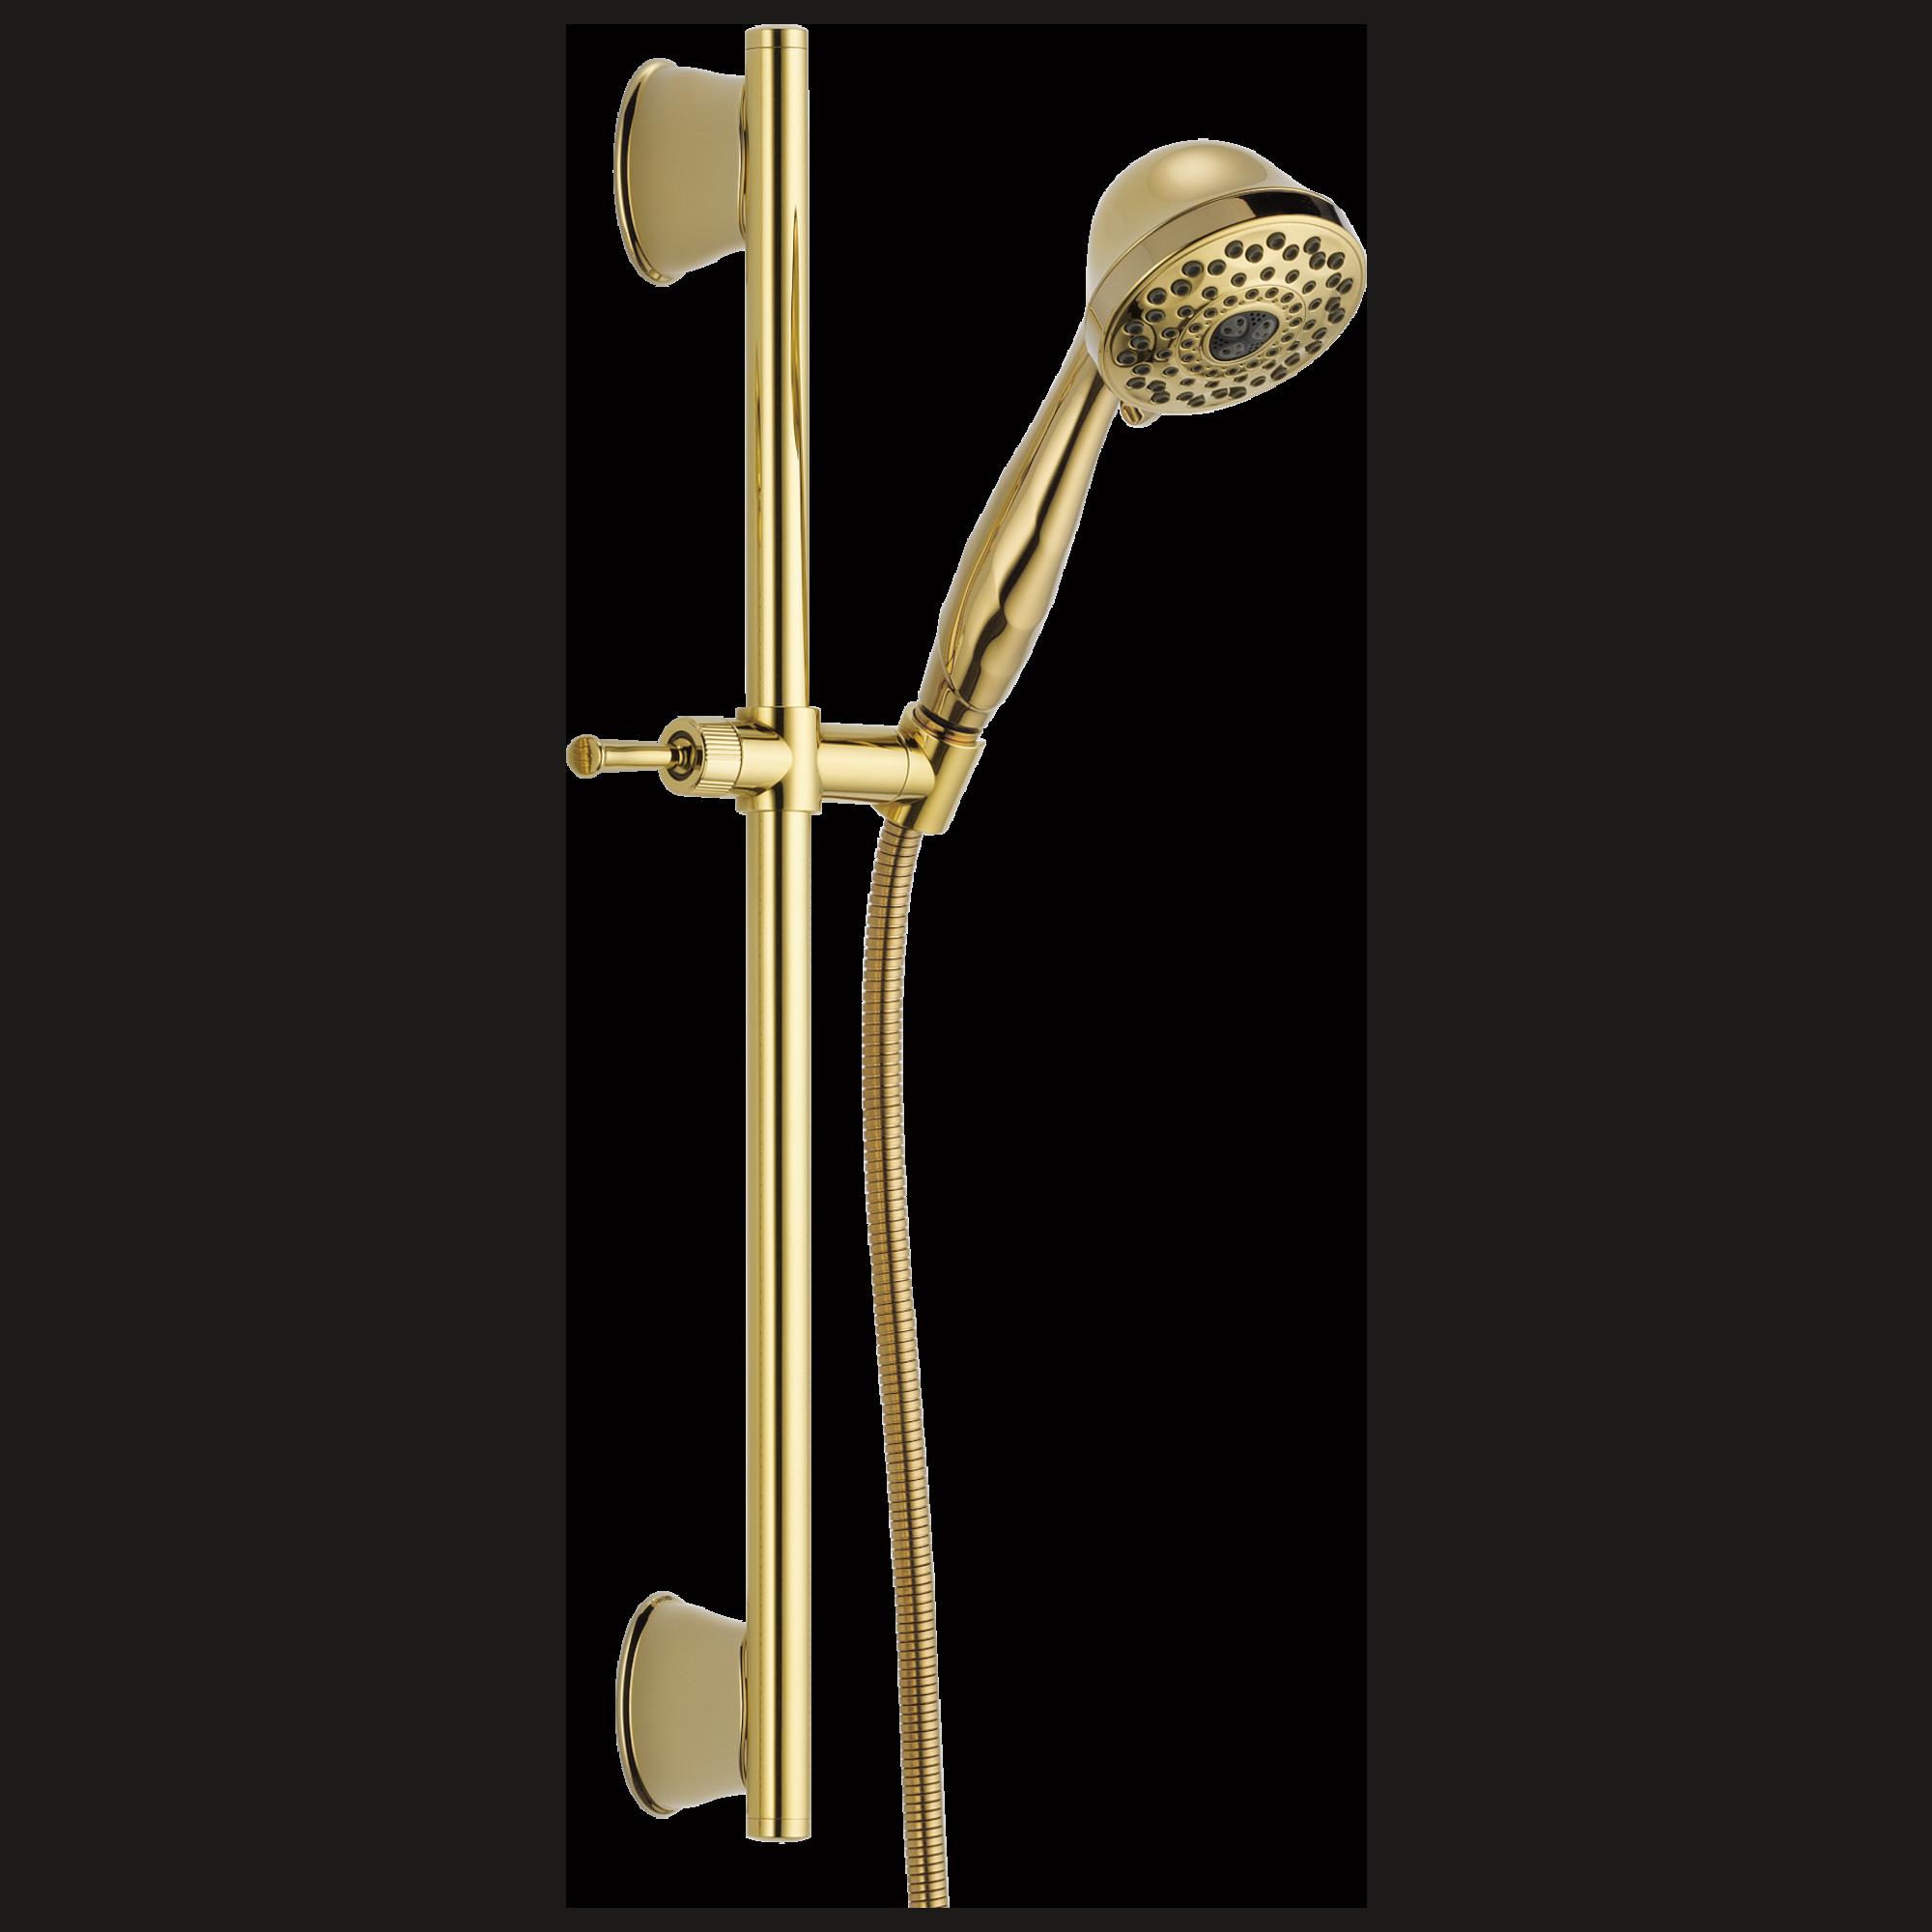 Delta Faucet 51589 Pb 7 Setting Slide Bar Hand Shower Polished